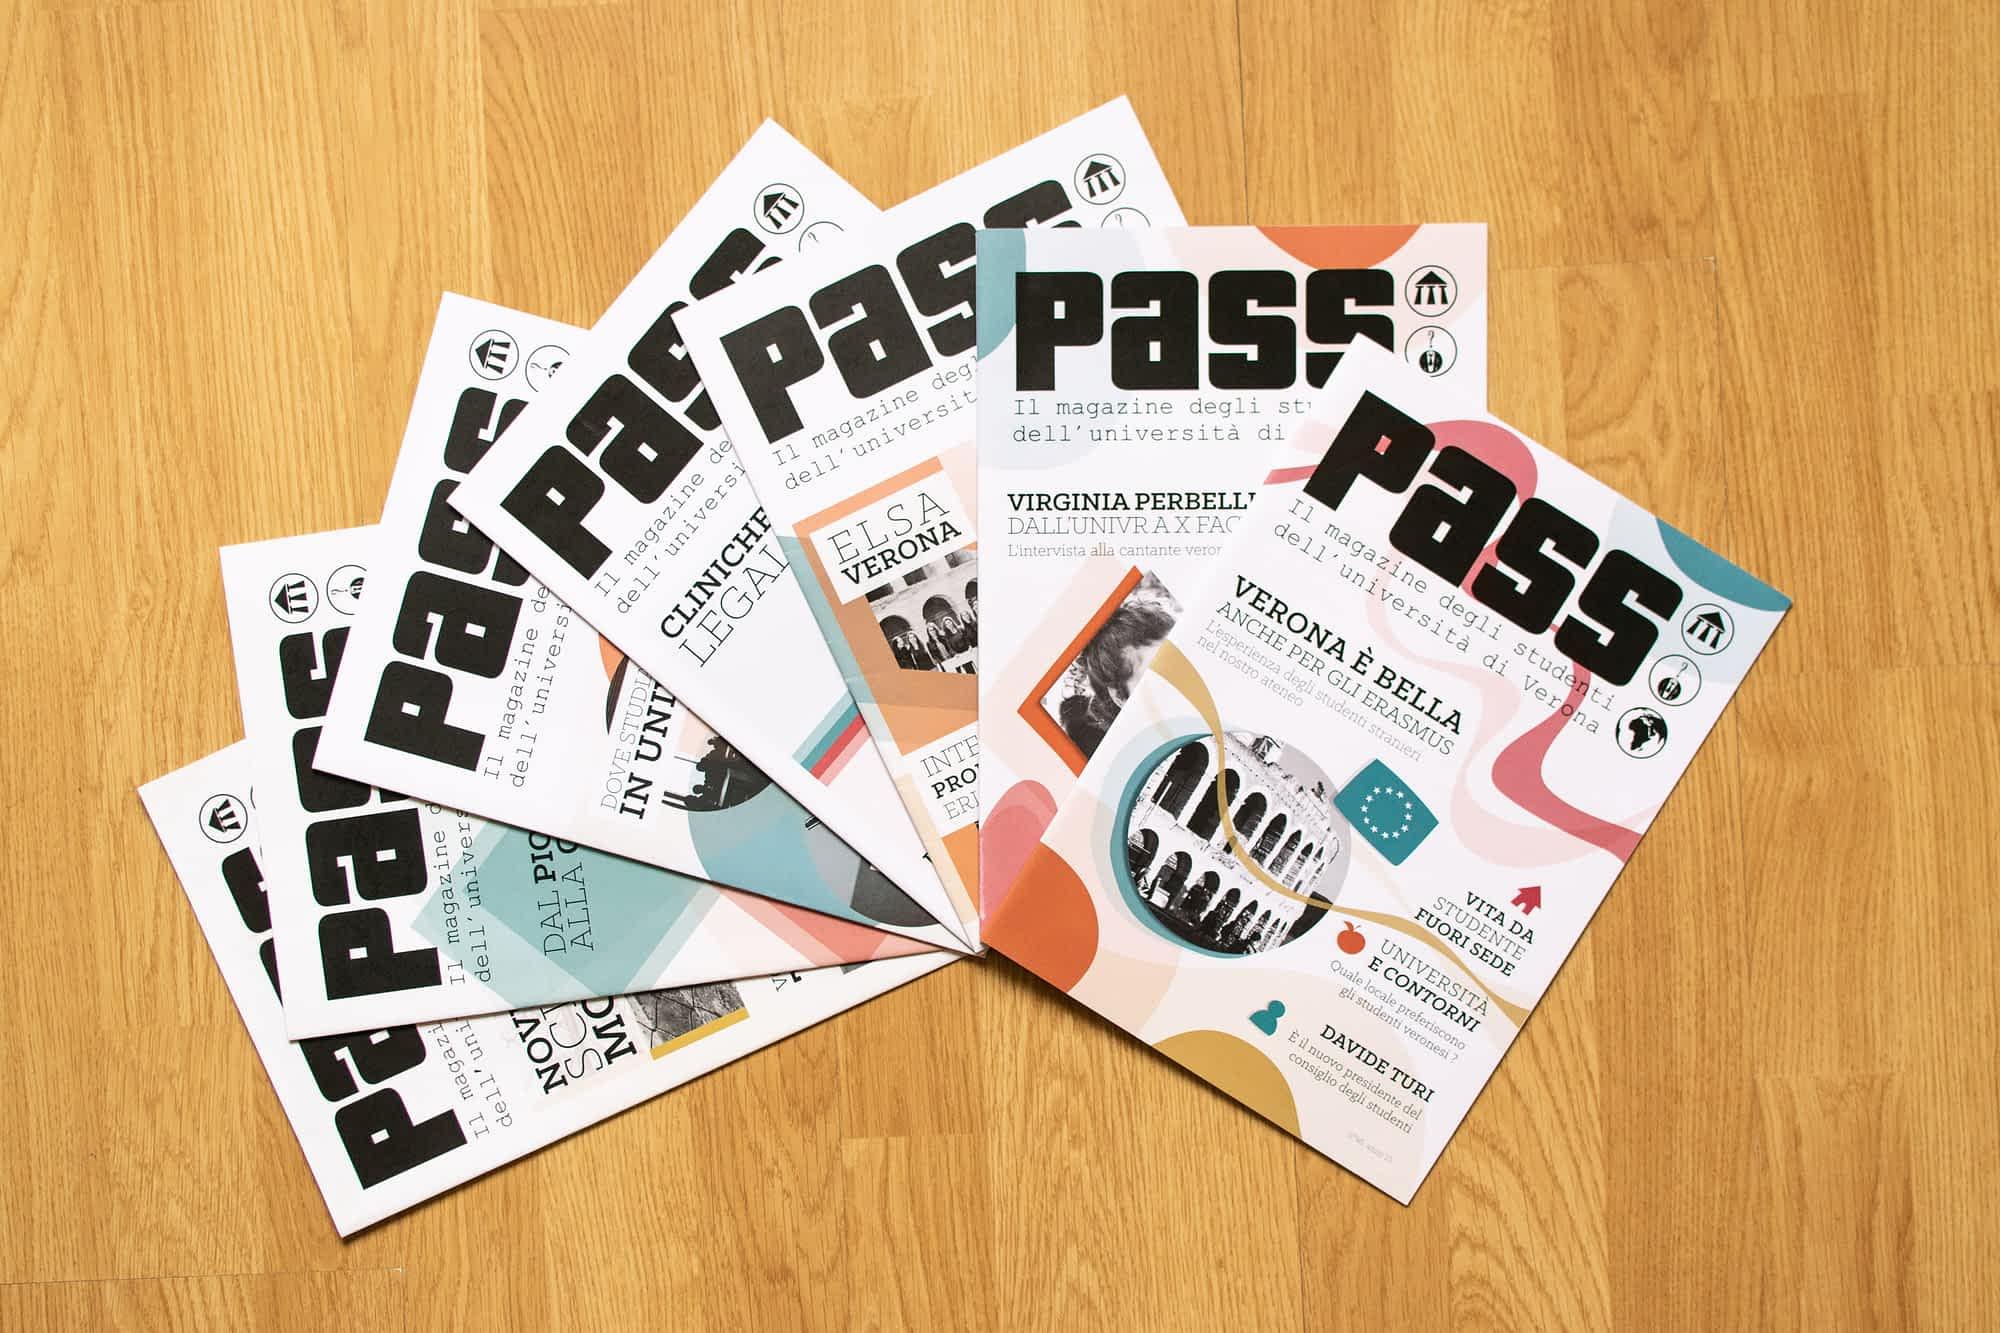 Alice_Stivala_Pass_Magazine-1